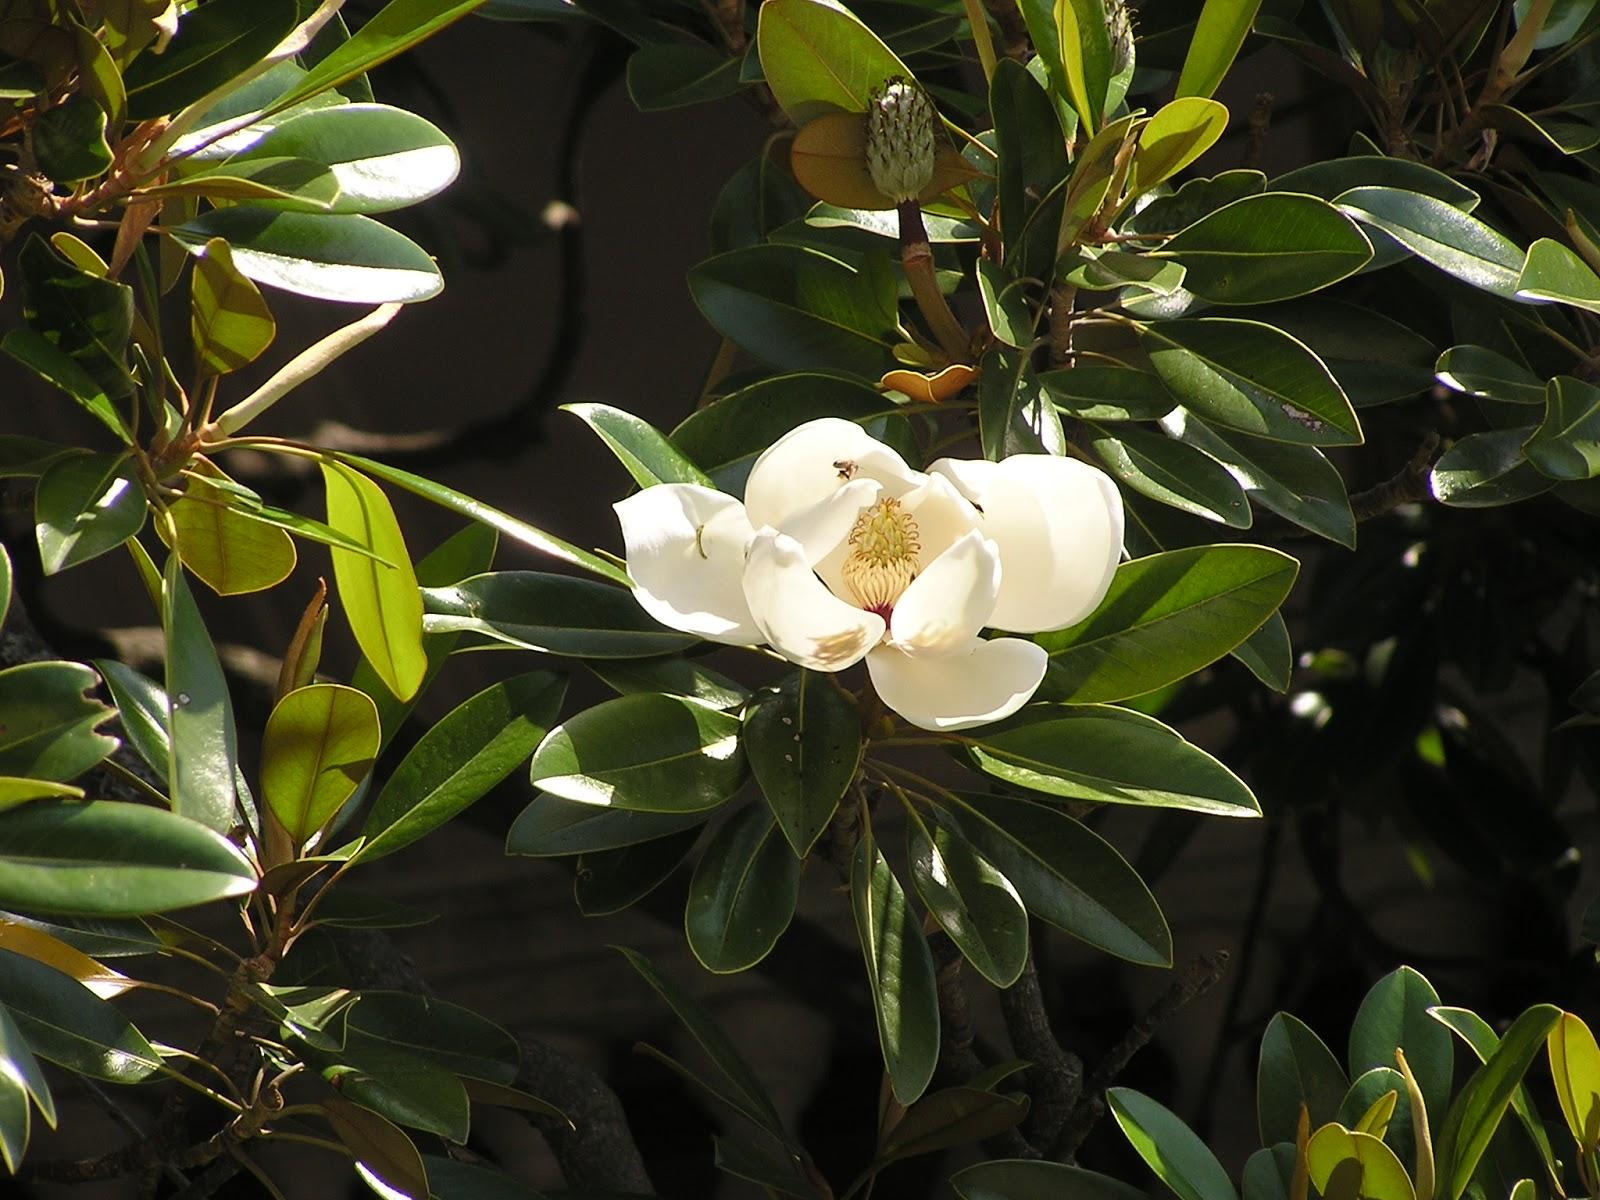 Cuidados del rbol de magnolia verano galissoni re for Arboles ornamentales hoja perenne para jardin